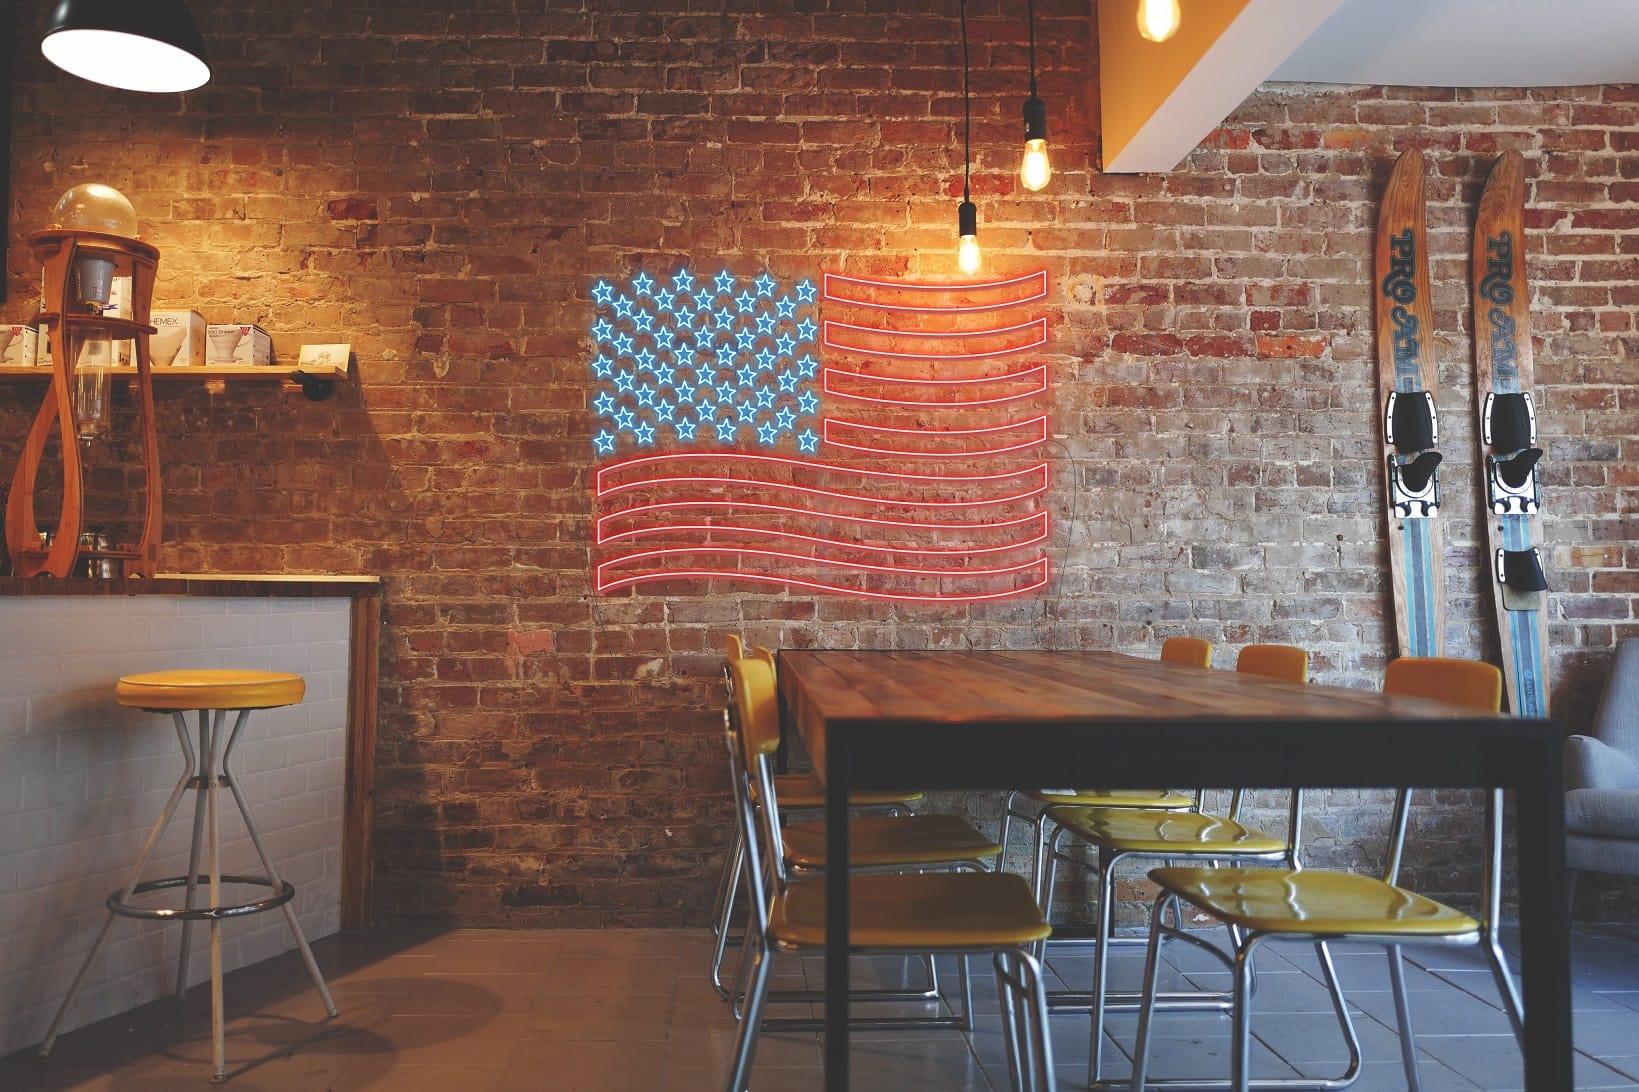 USA flag neon signs